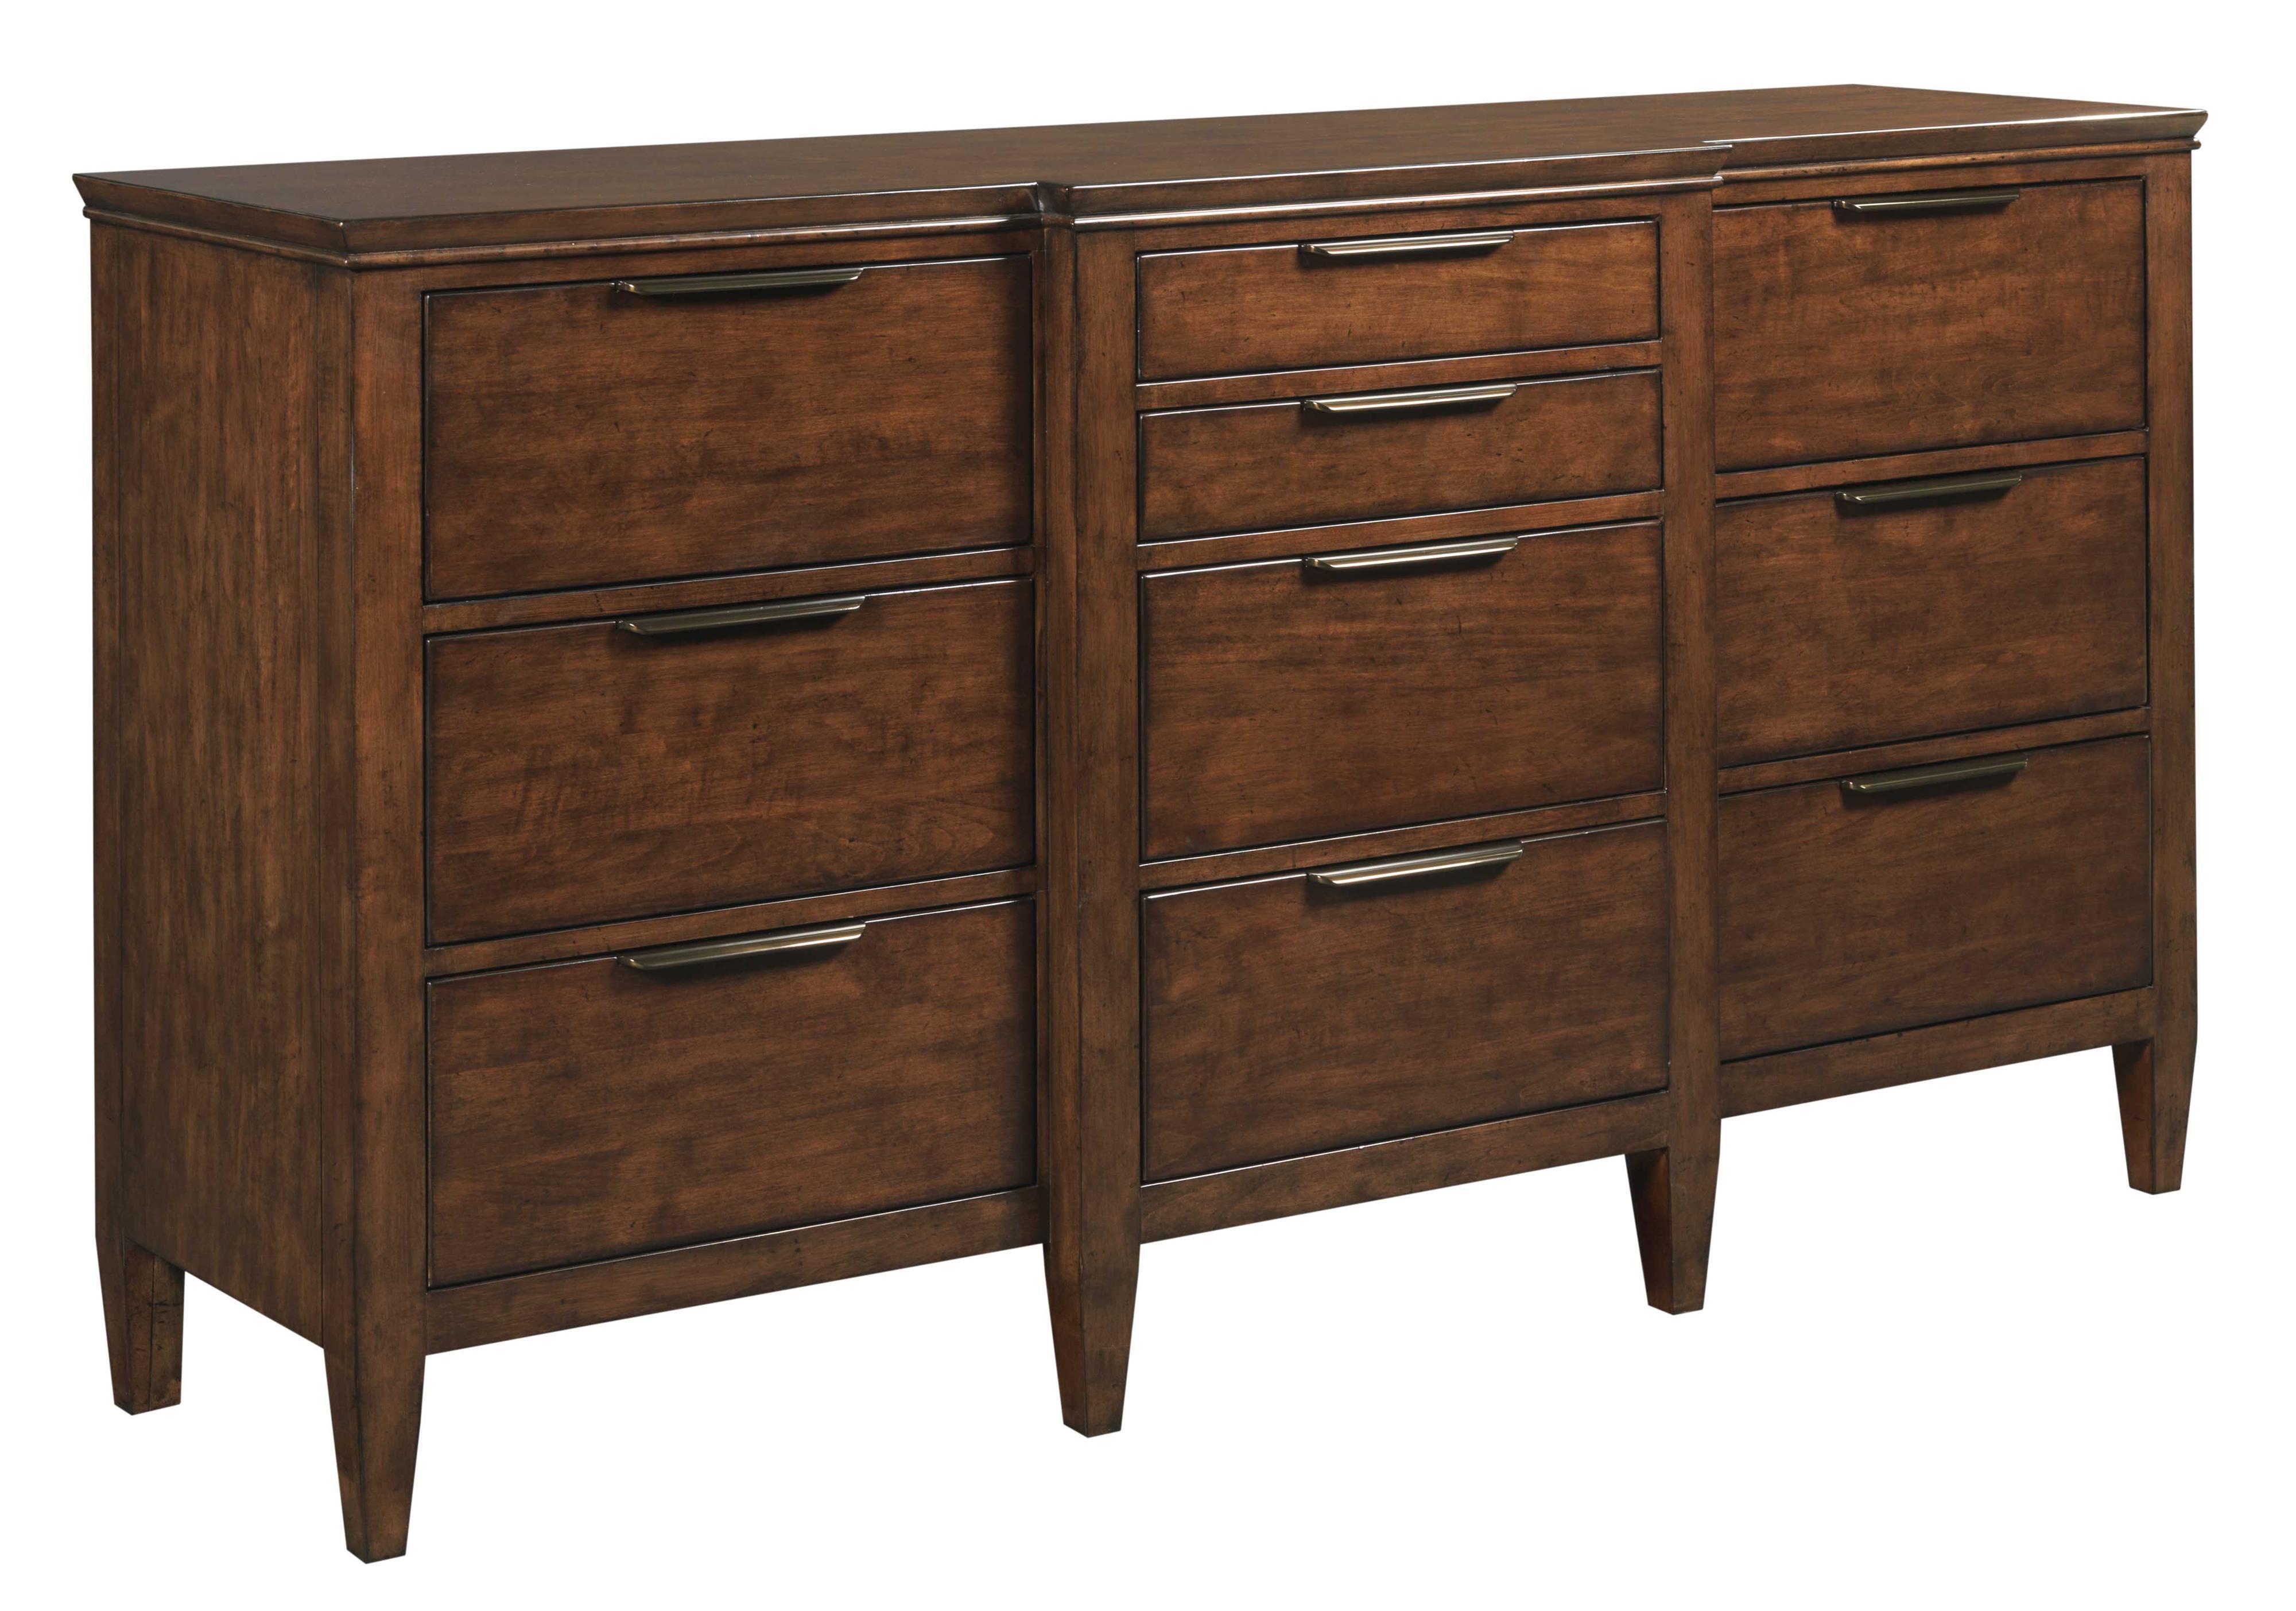 Kincaid Furniture Elise Bristow Dresser - Item Number: 77-160